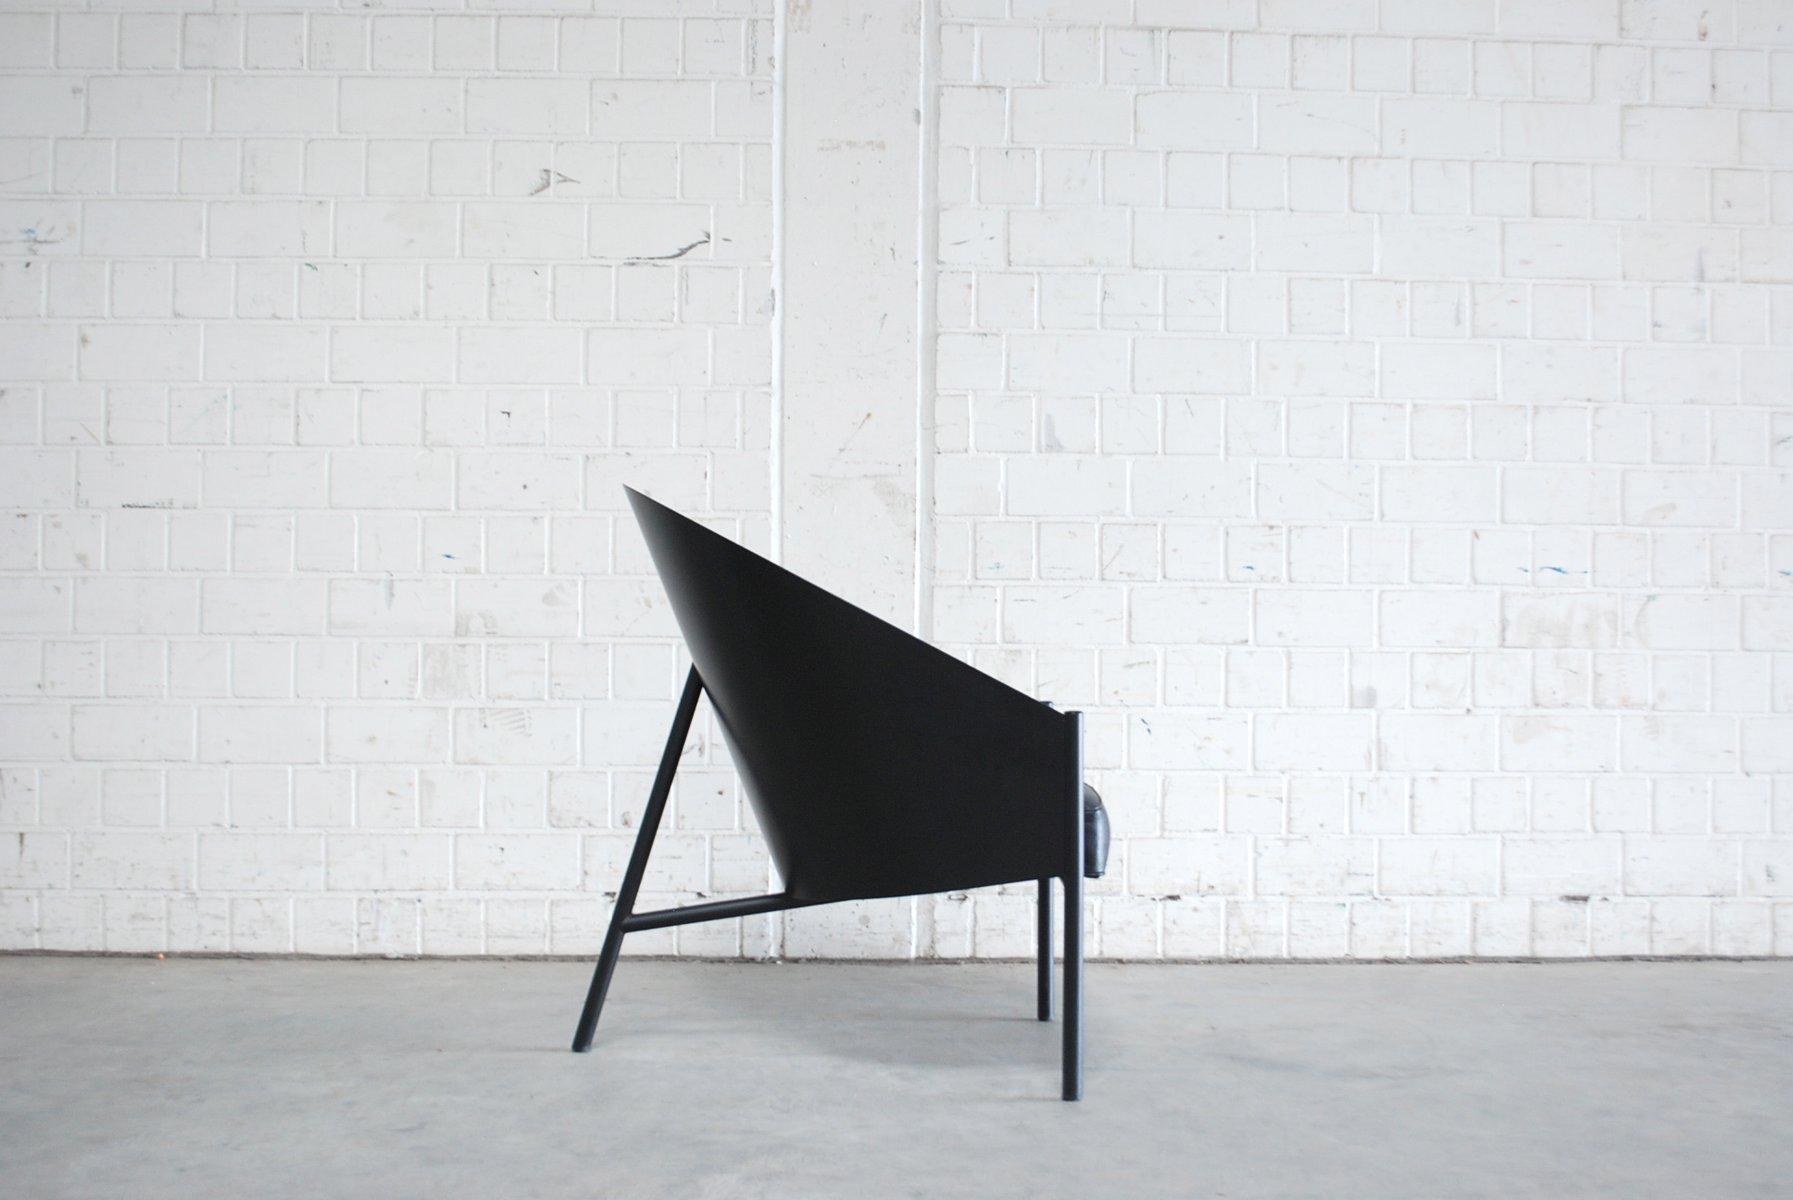 Vintage Pratfall Sessel von Philippe Starck für Driade